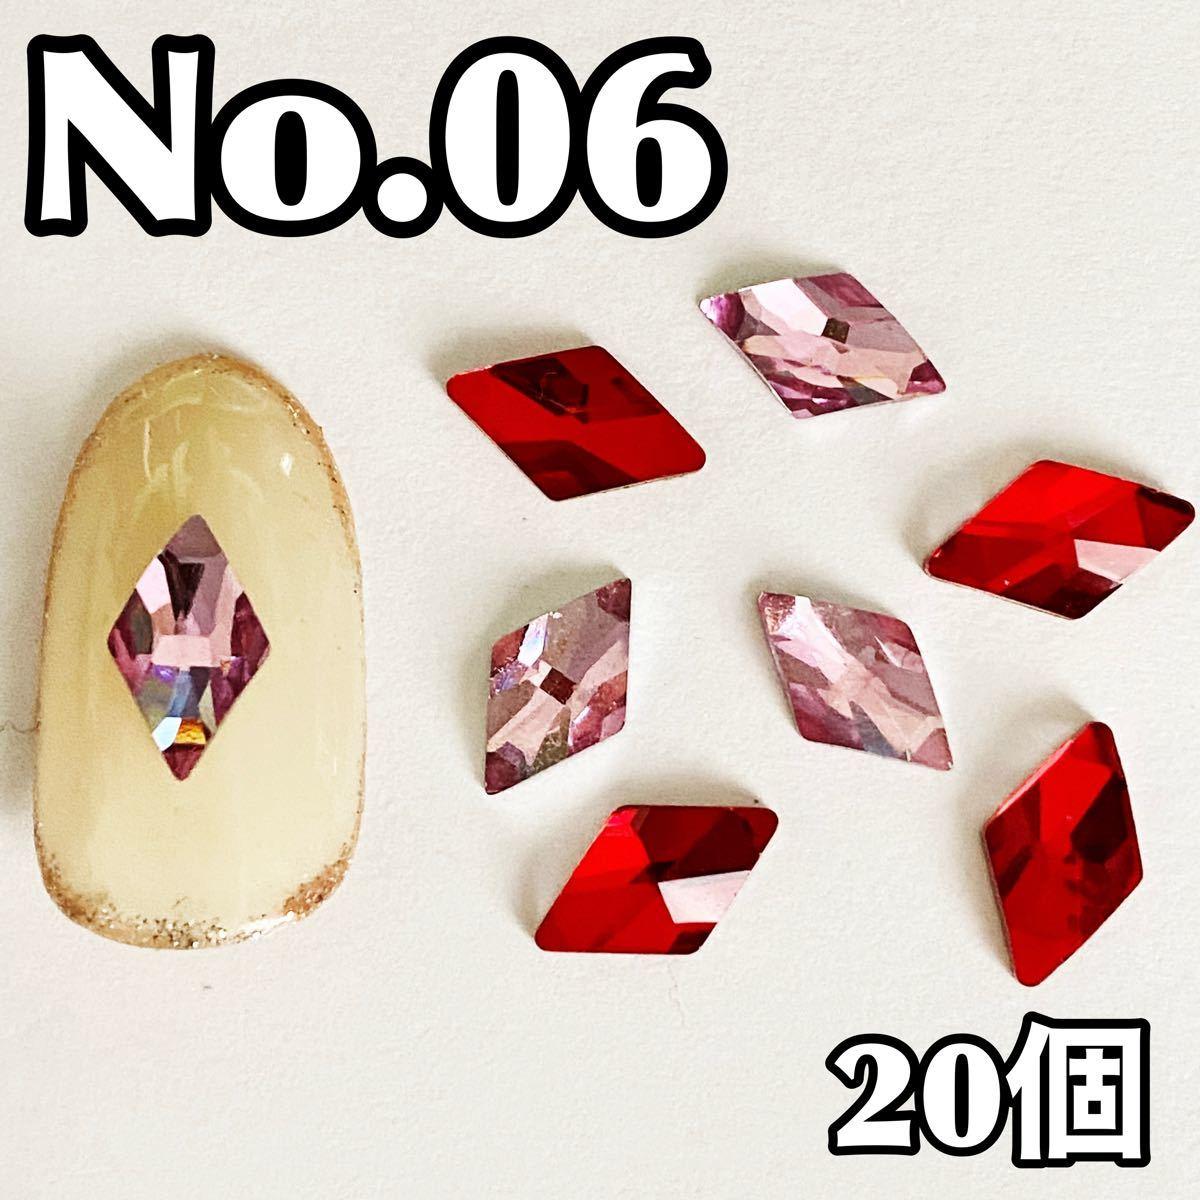 ネイルパーツ ダイヤ型 レッド ピンク 菱形 ひし形パーツ デコパーツ  ネイルアート ハンドメイド レジン